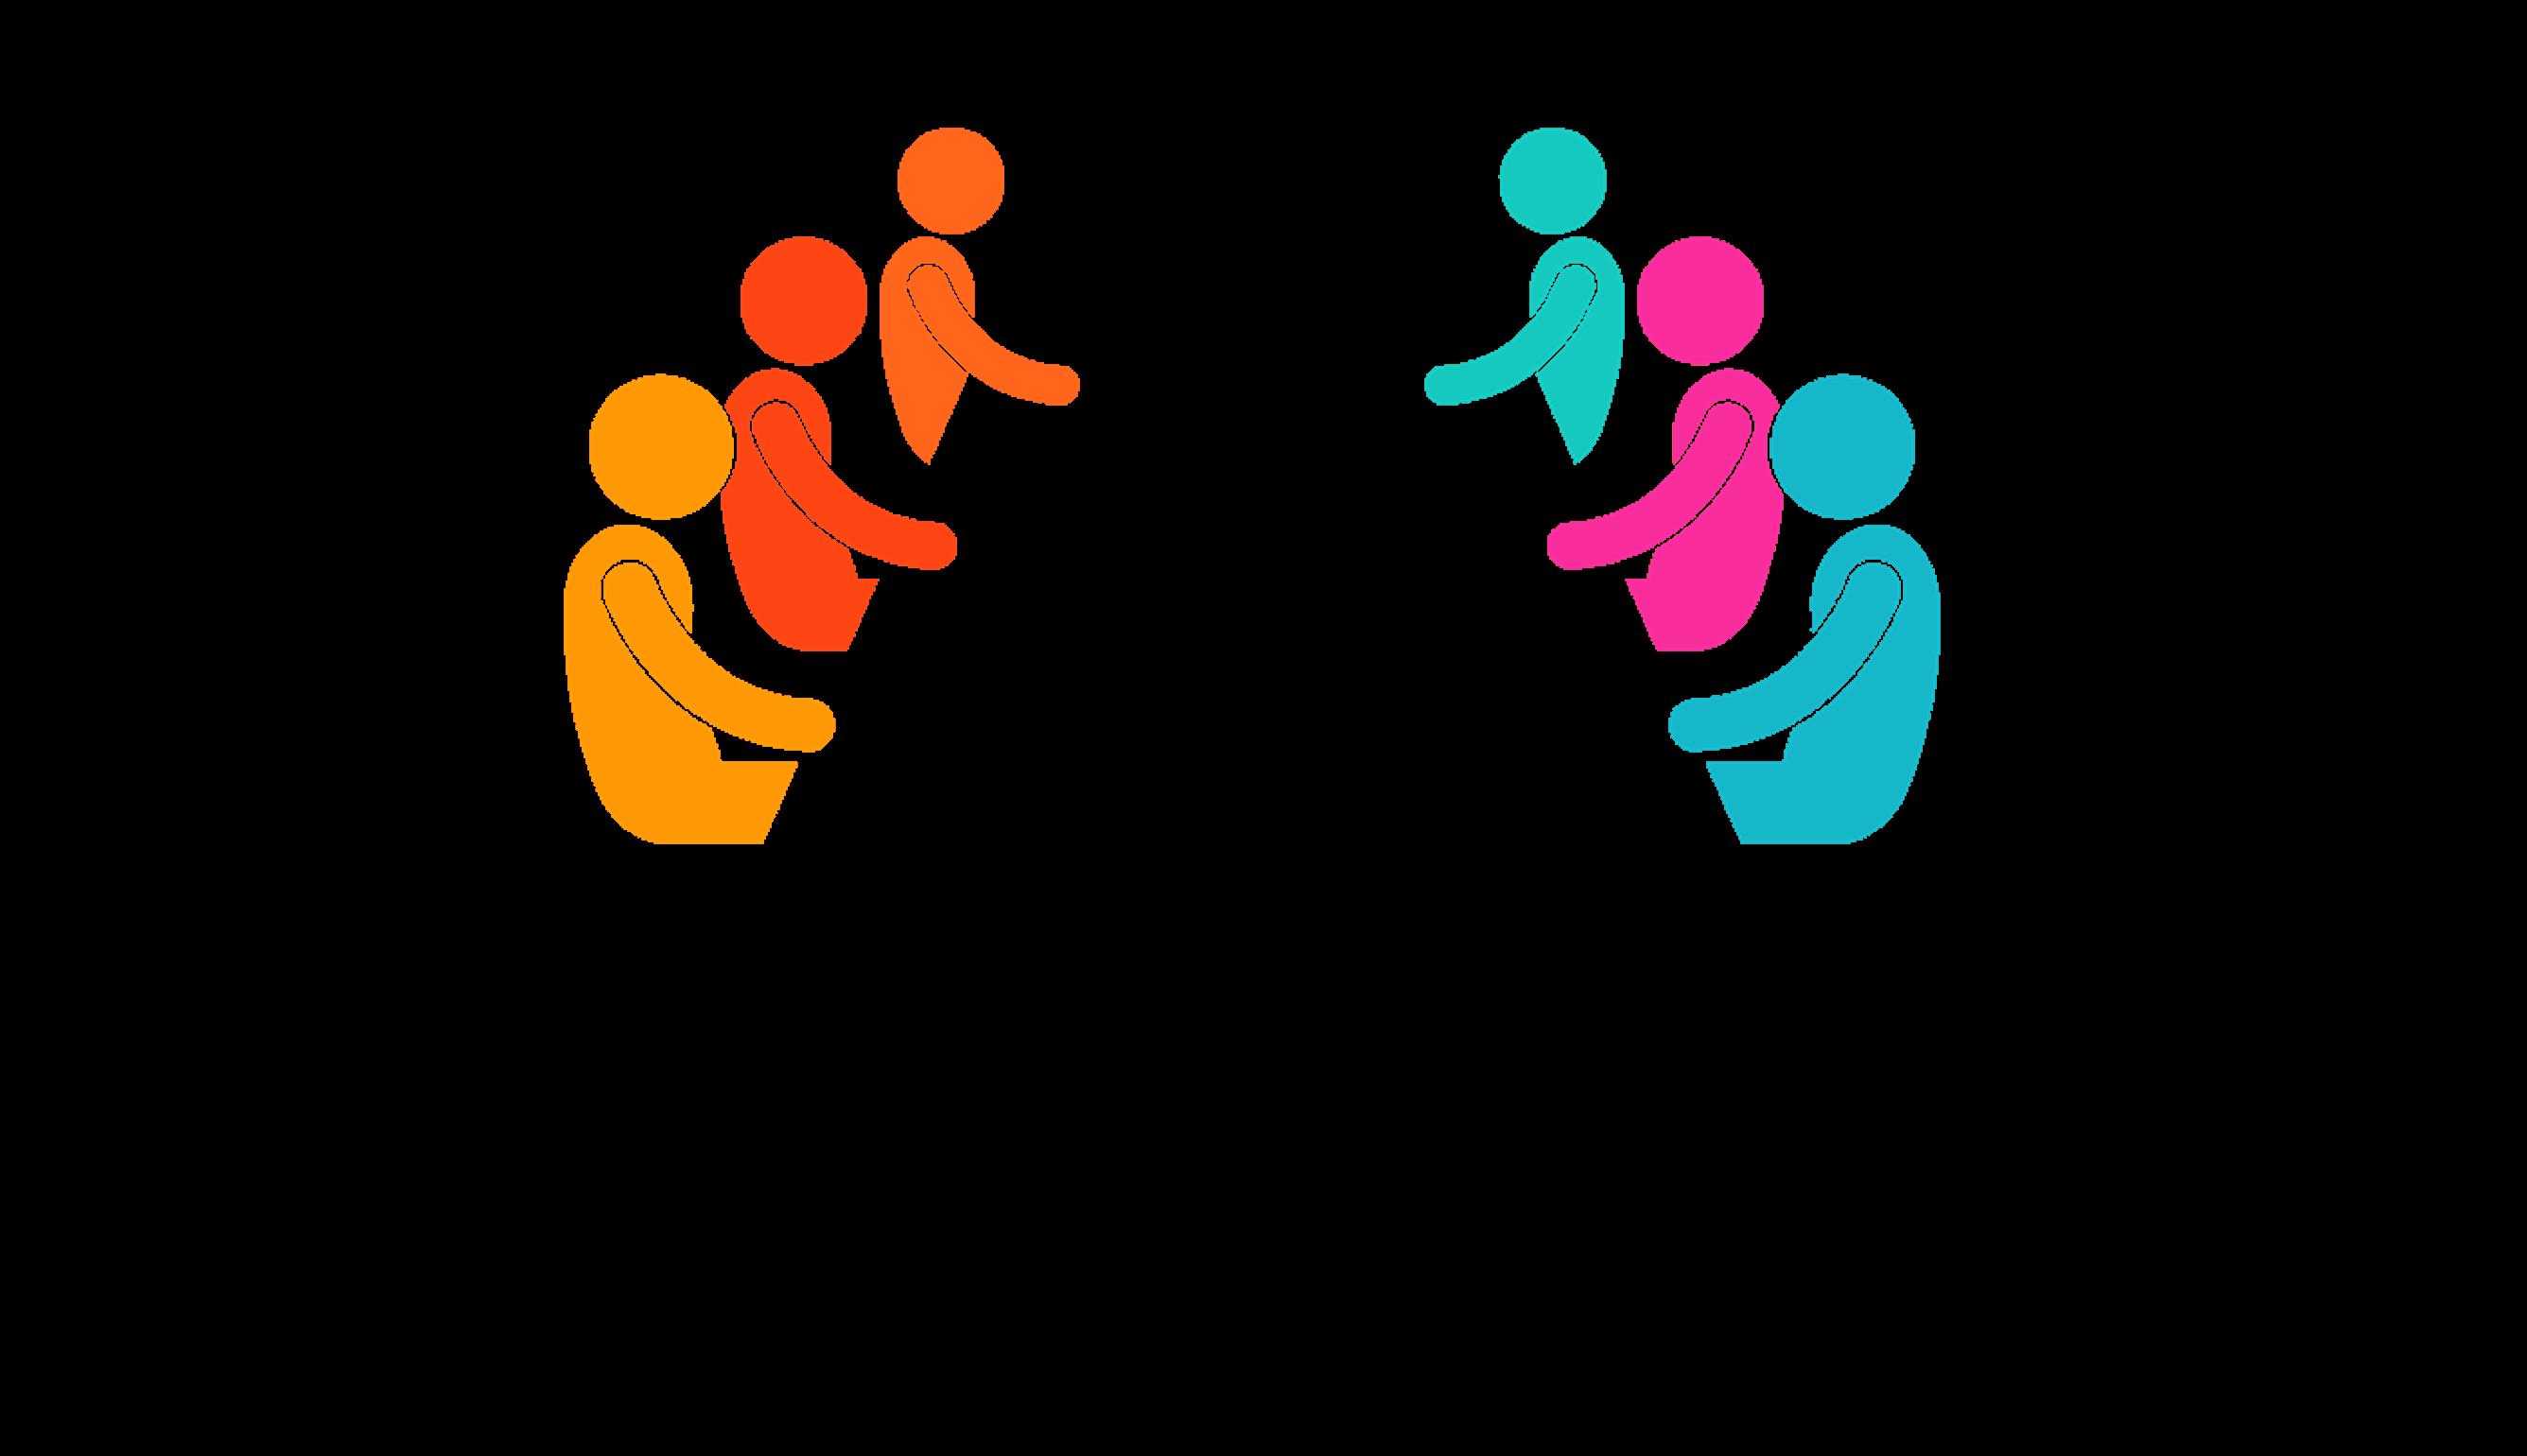 Teilnehmer bei einem Persona-Workshop